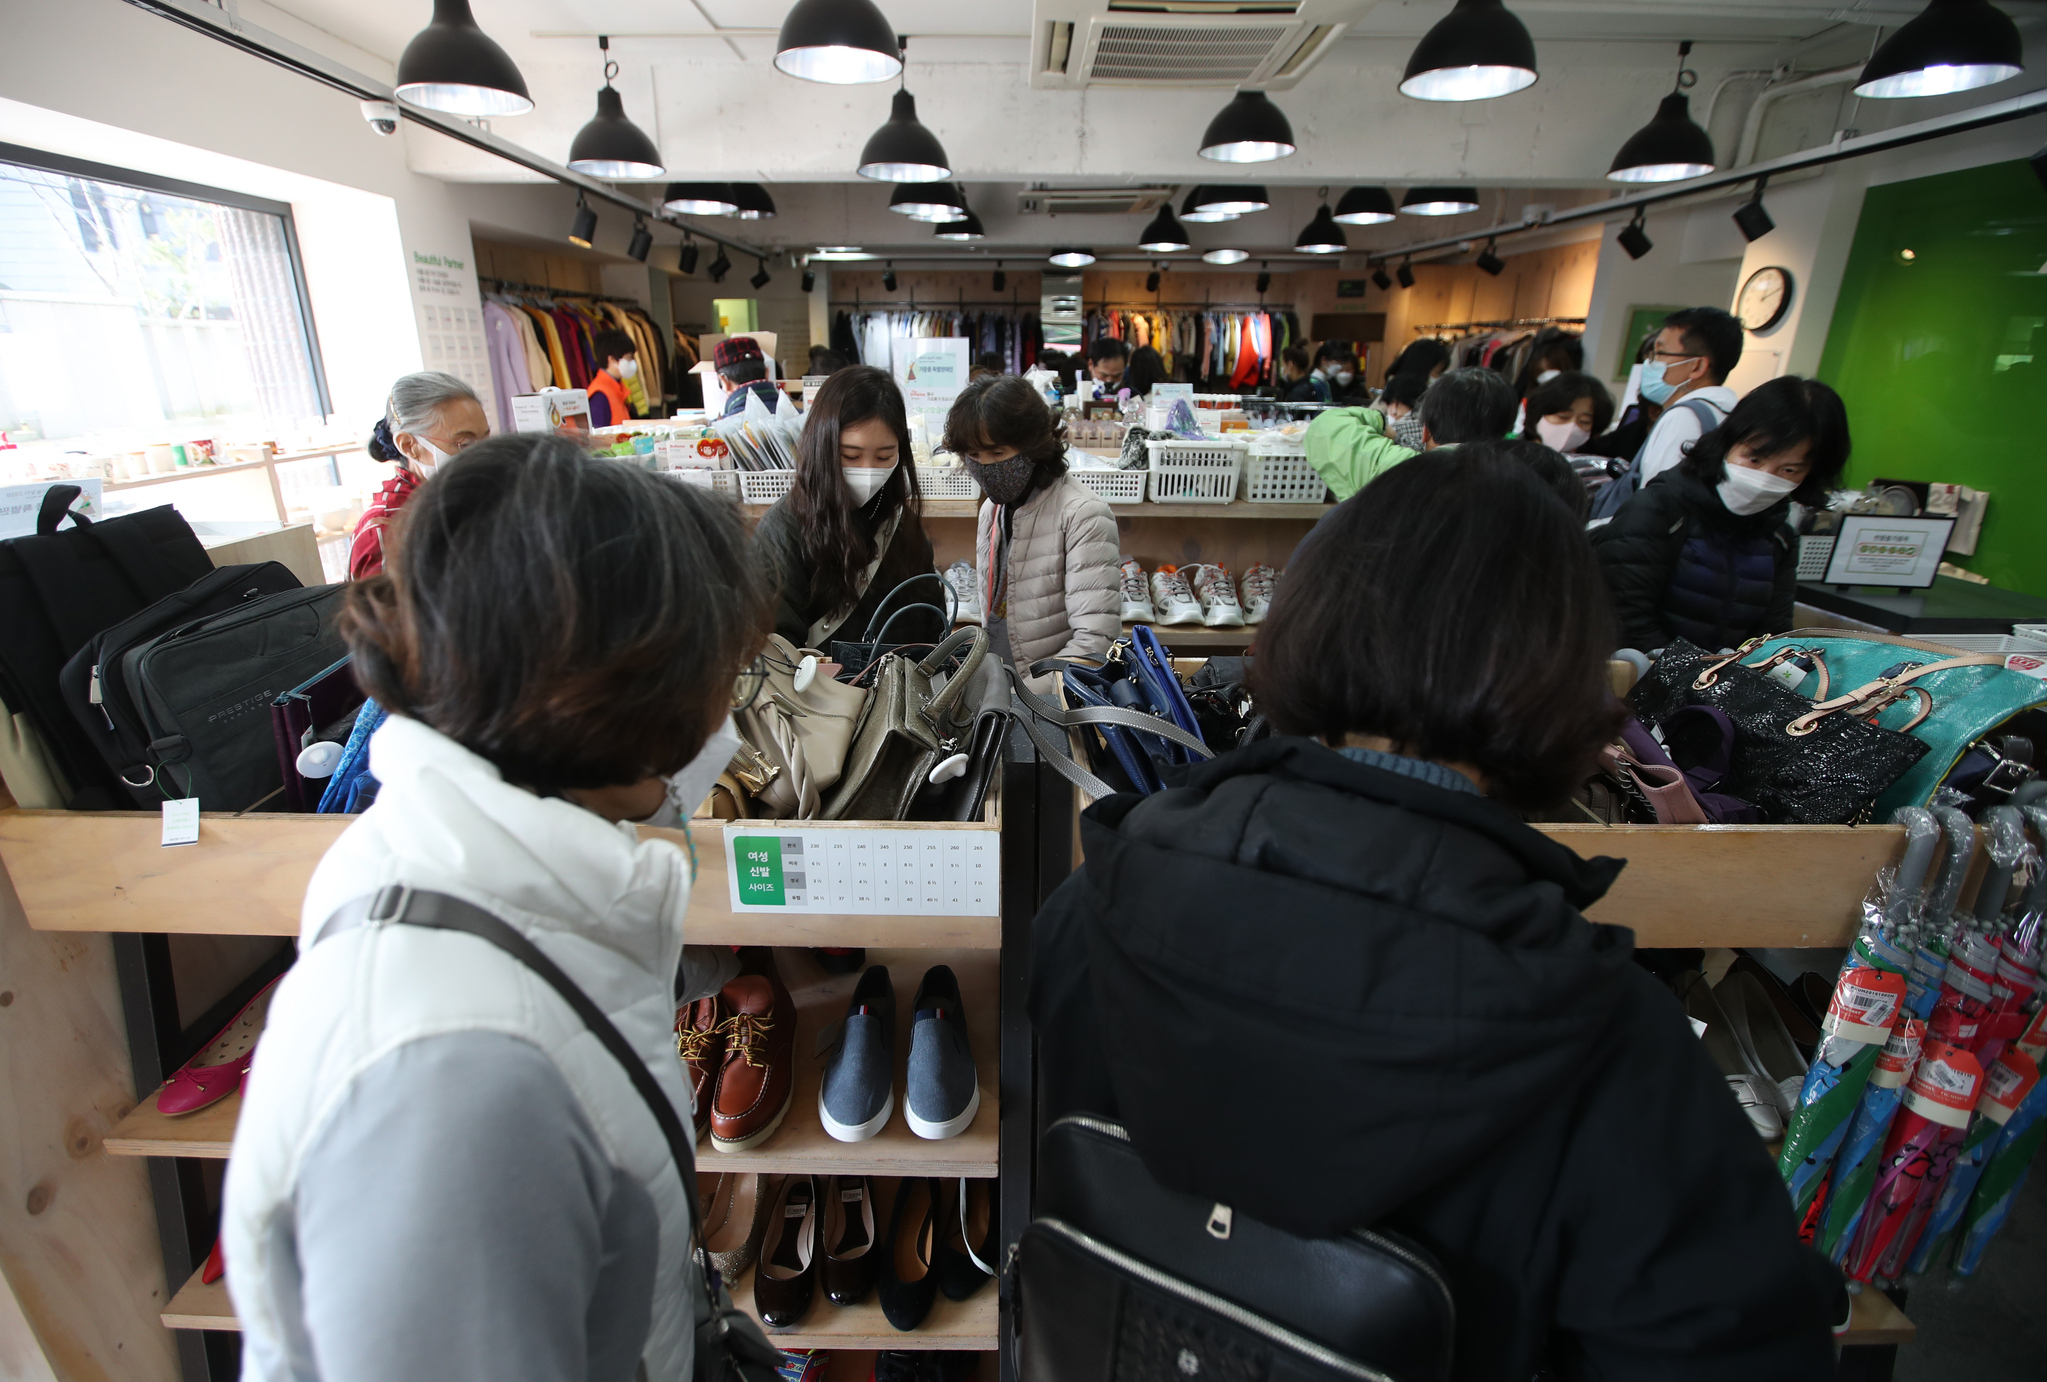 14일 '2020 위아자 나눔장터 특별판매전'이 열린 아름다운가게 안국점에도 구매객들이 성황을 이뤘다. 매장을 찾은 시민들이 물품을 둘러보고 있다, 우상조 기자